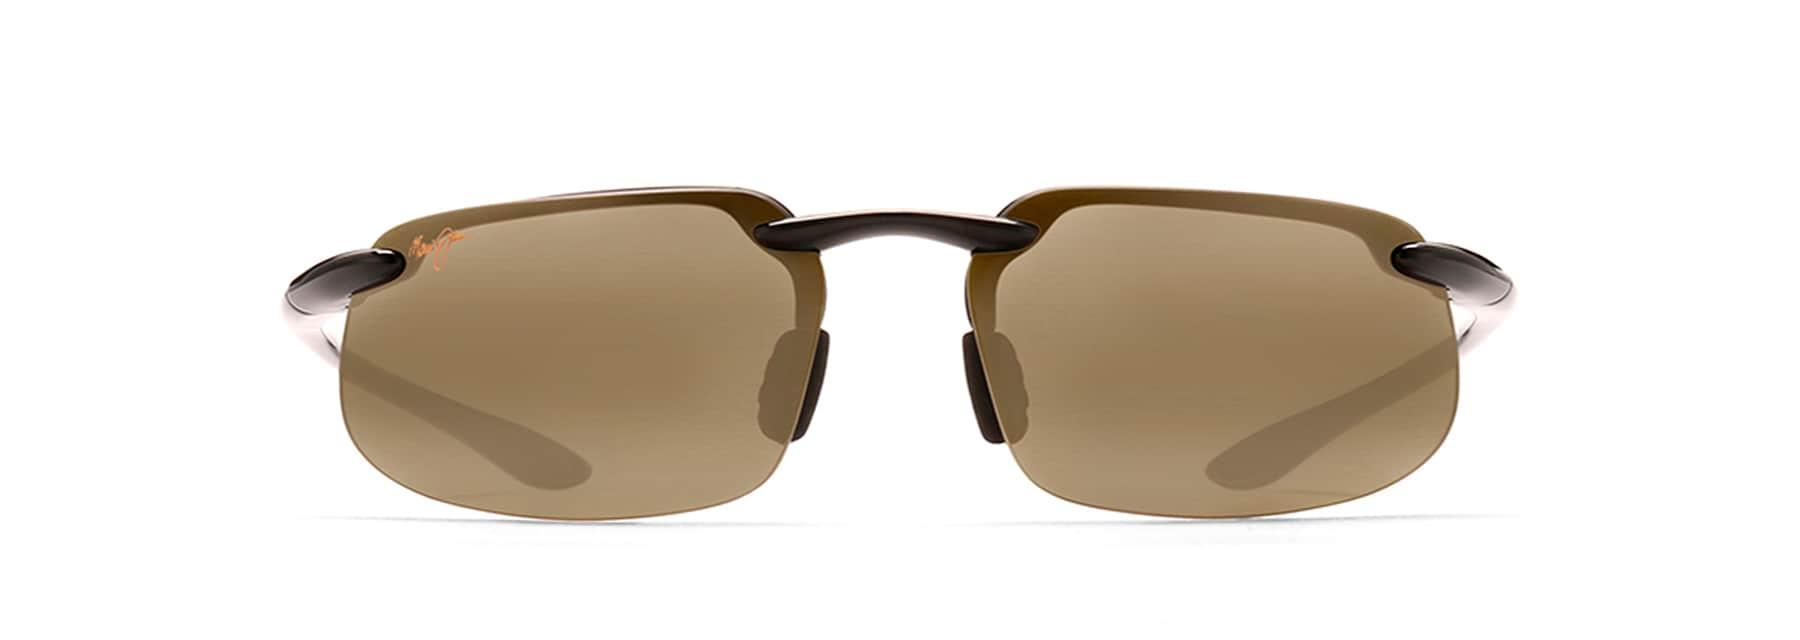 9b2ae3c647 Kanaha Polarised Sunglasses | Maui Jim®